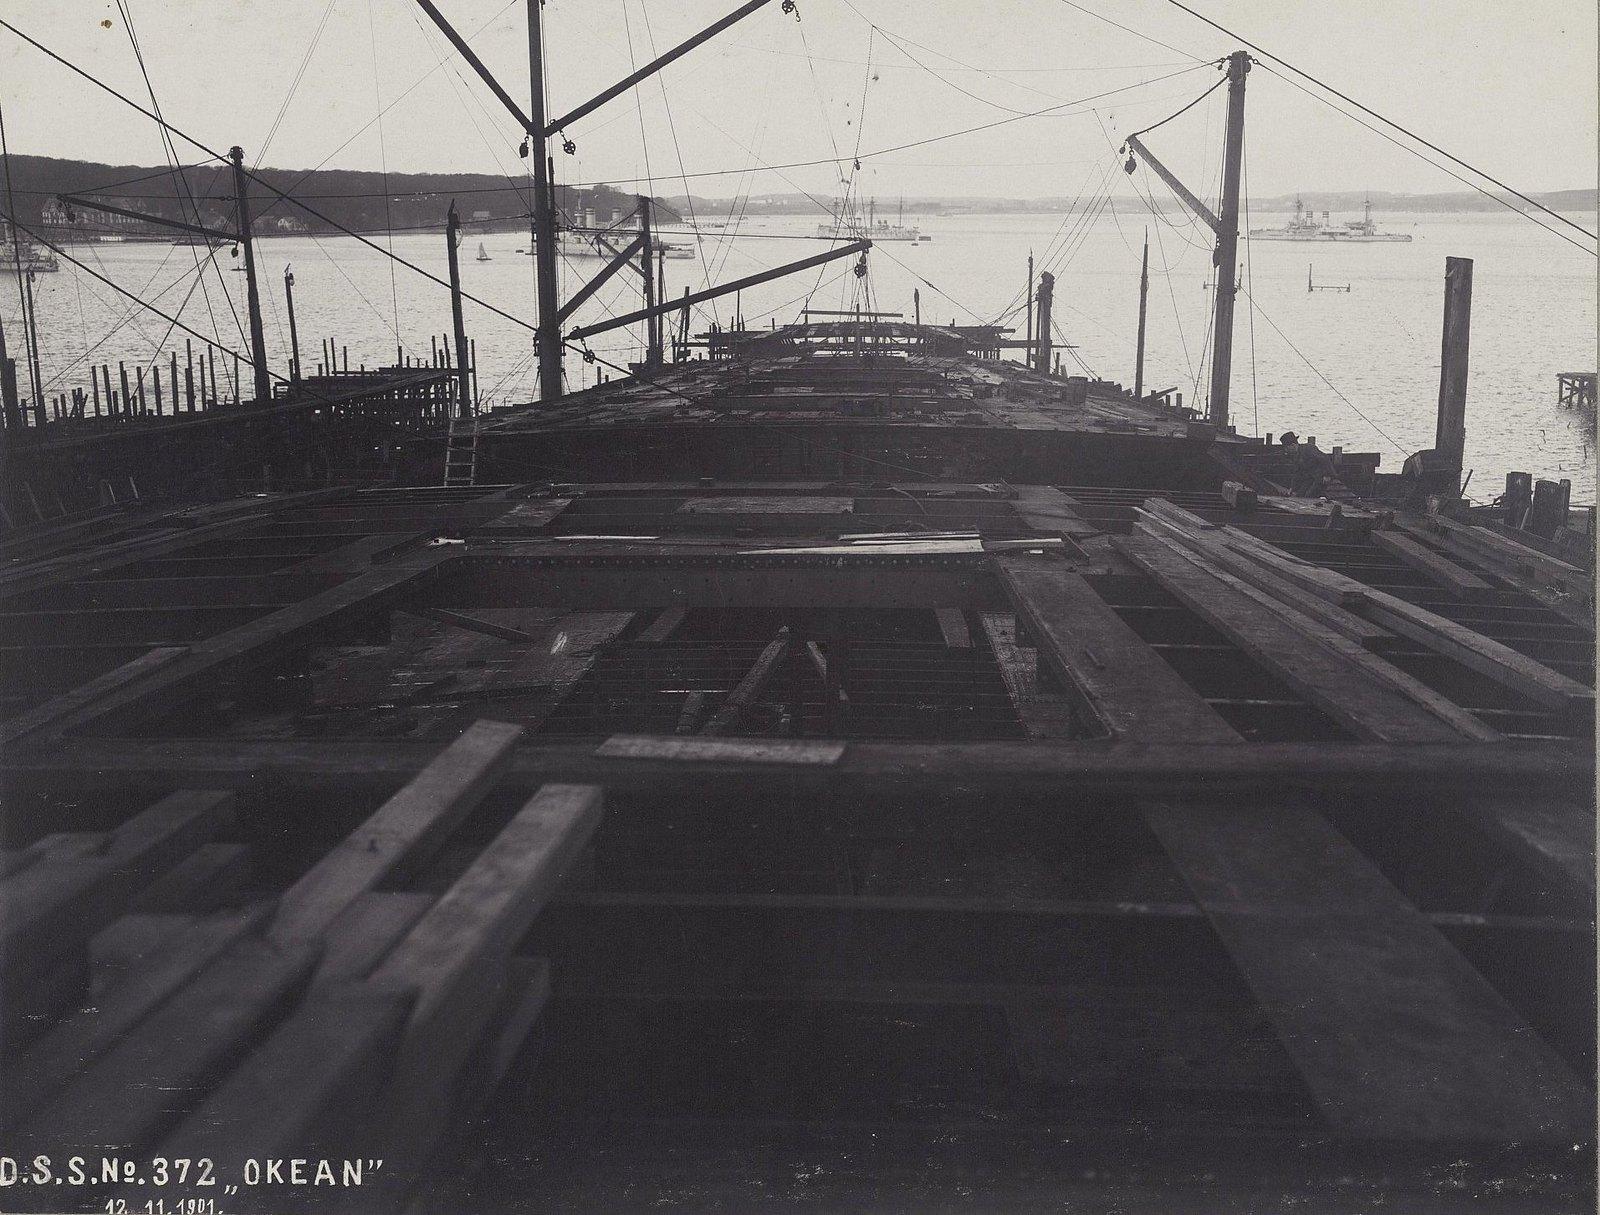 01. Строительство учебного судна «Океан». 12 ноября 1901 г.